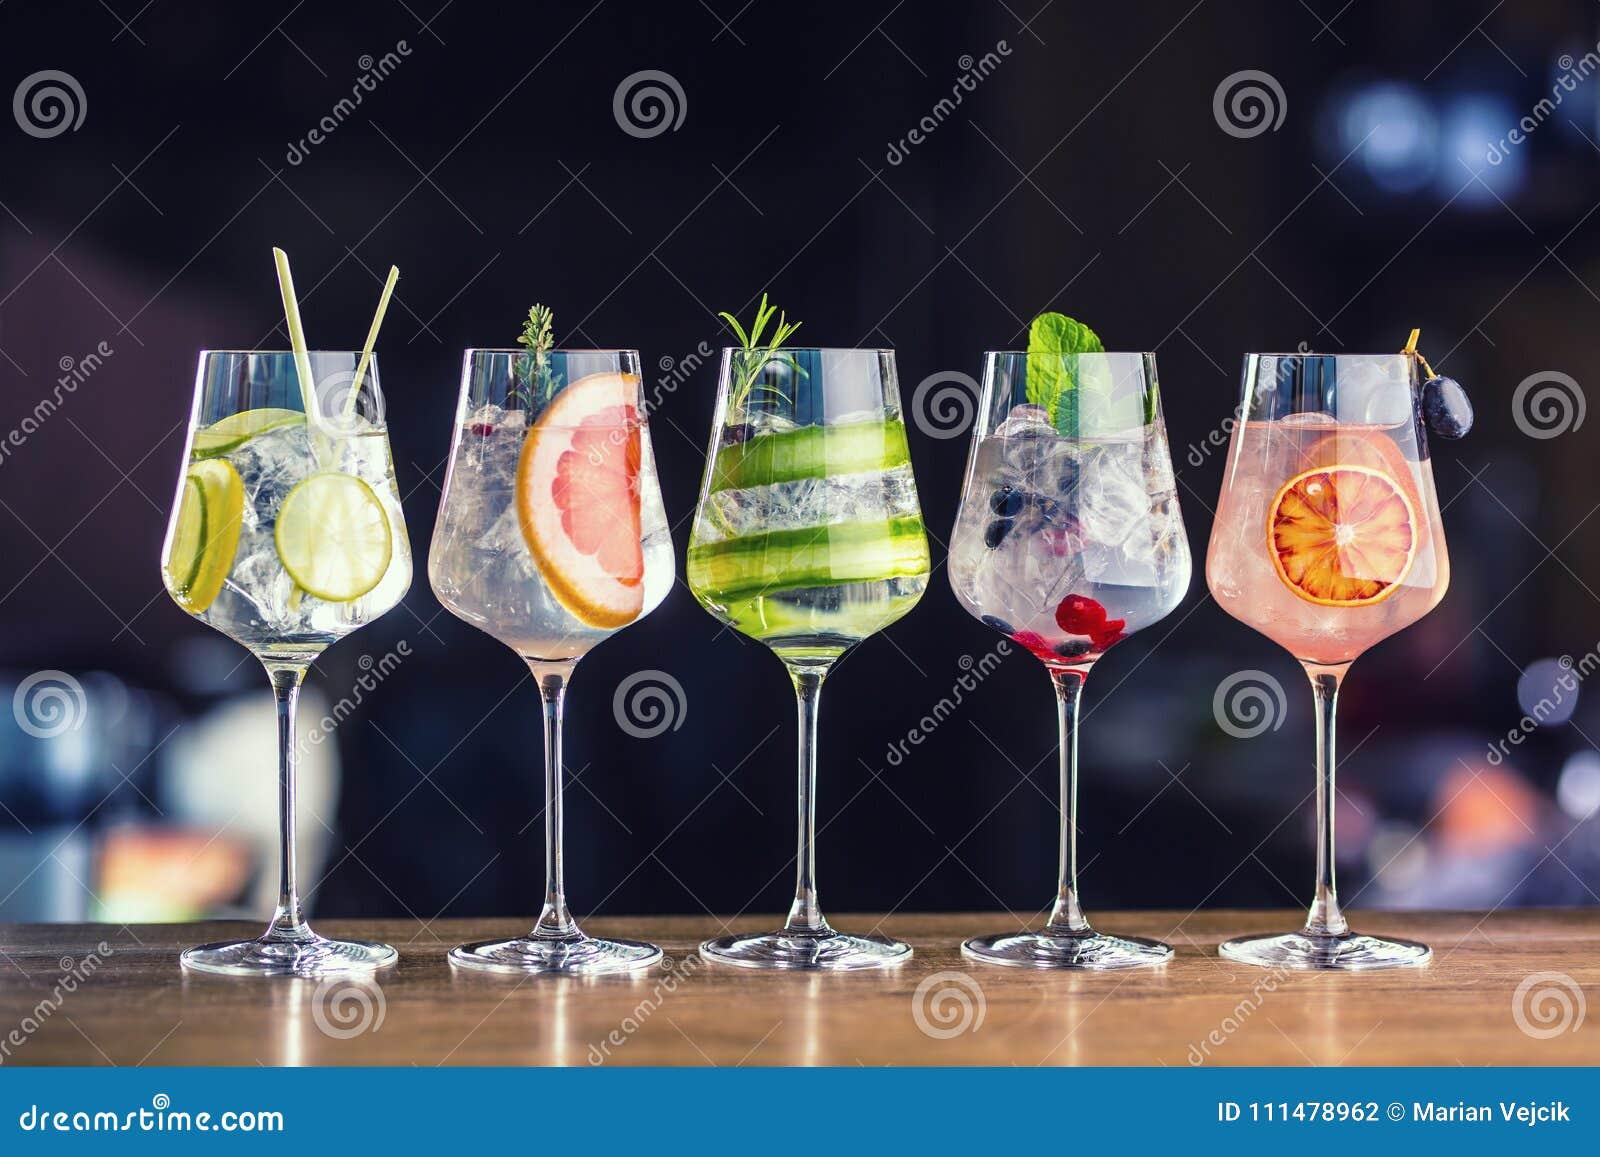 Cinco cocktail coloridos do tônico da gim em vidros de vinho no contador da barra